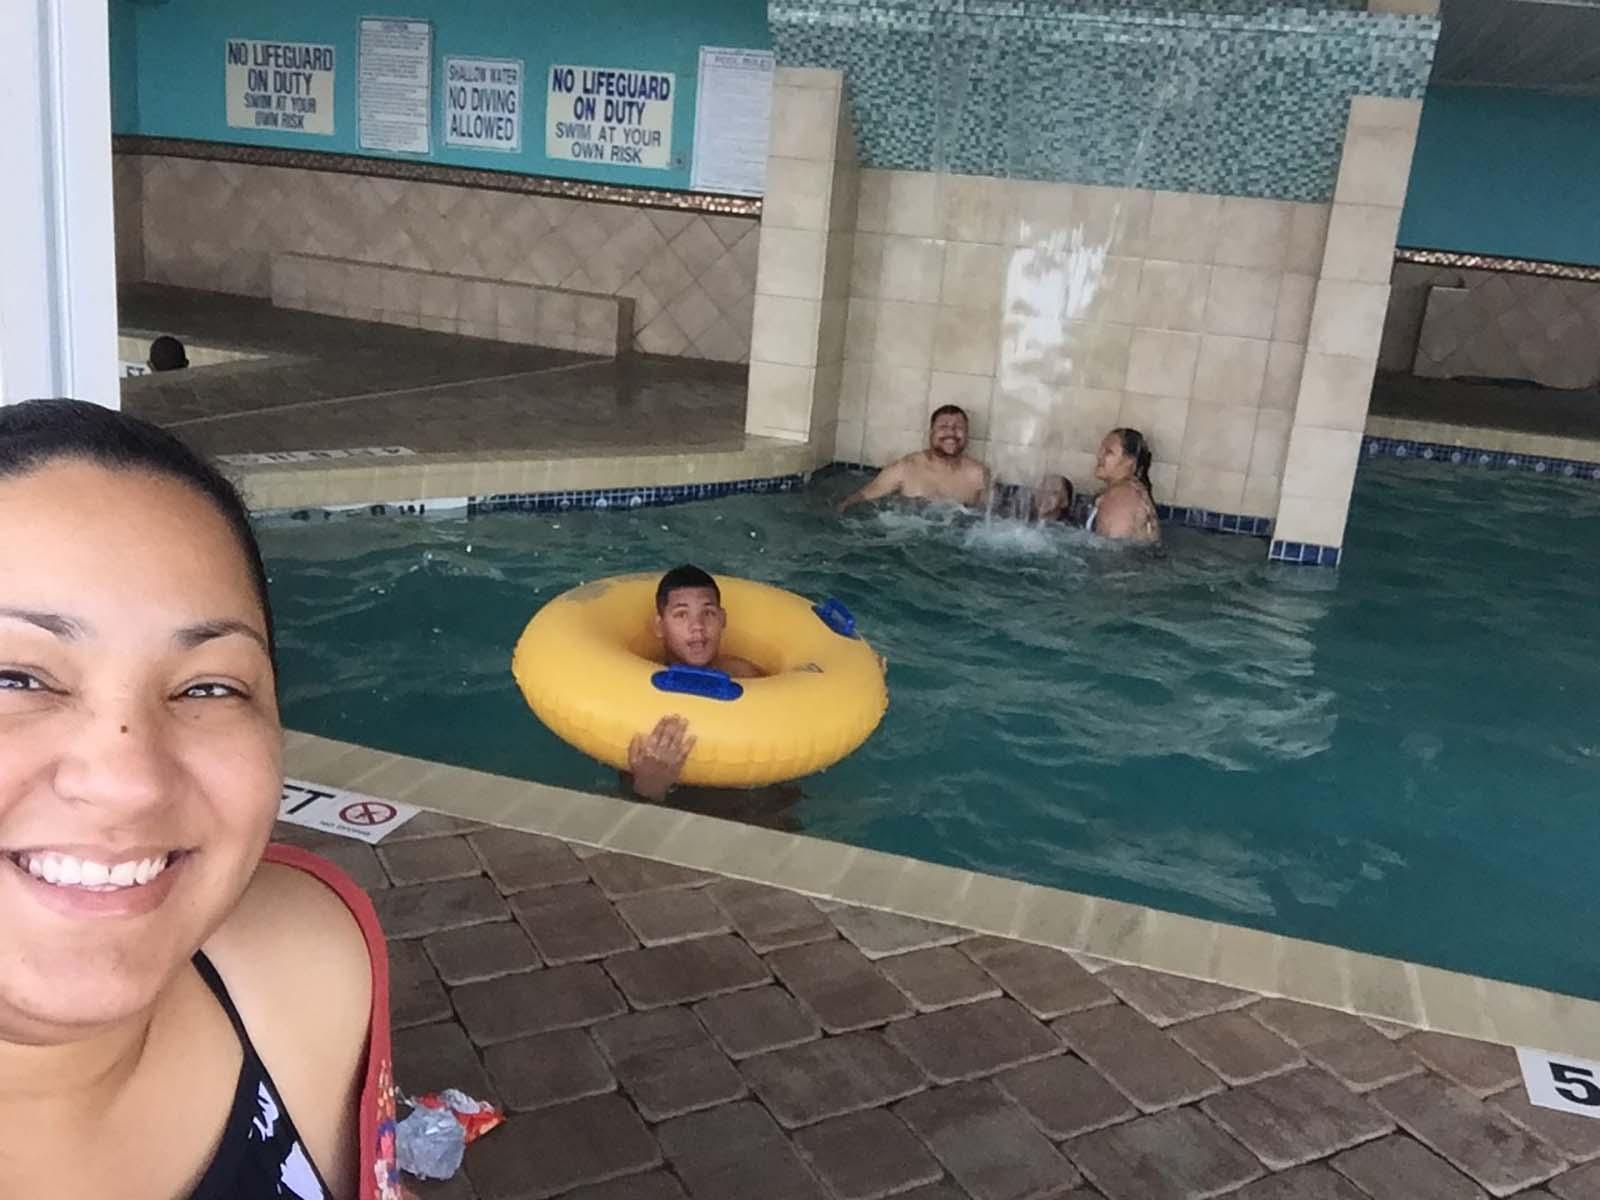 Mom taking selfie with kids in indoor pool behind